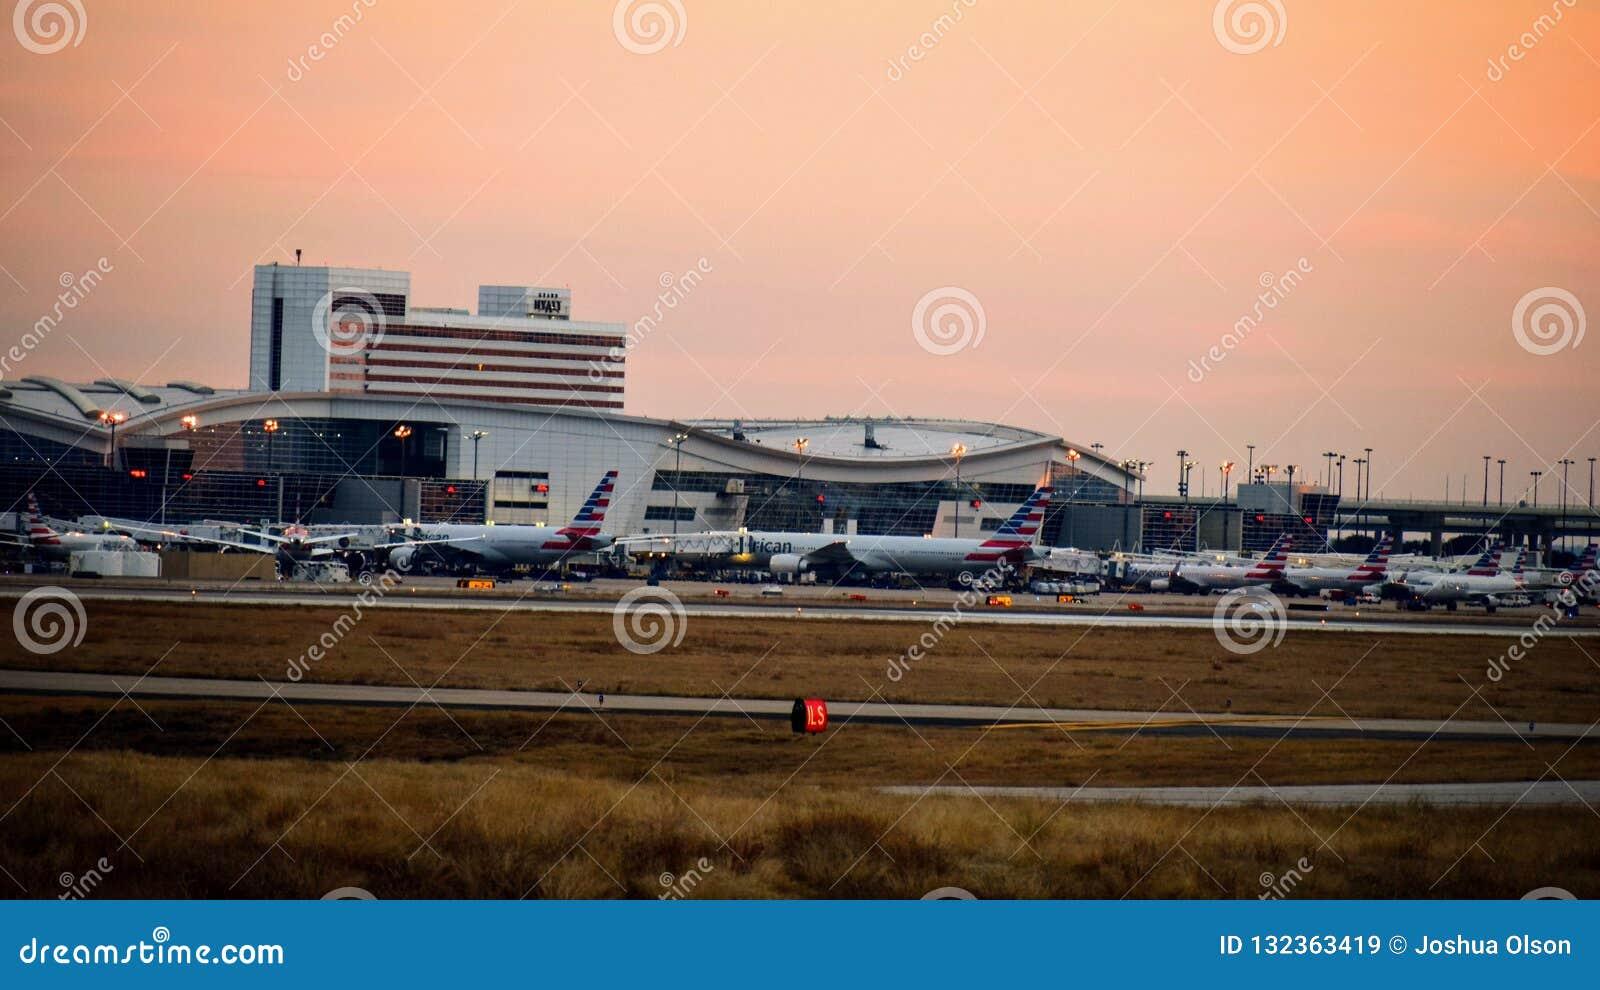 Rij van vliegtuigen bij een luchthaventerminal